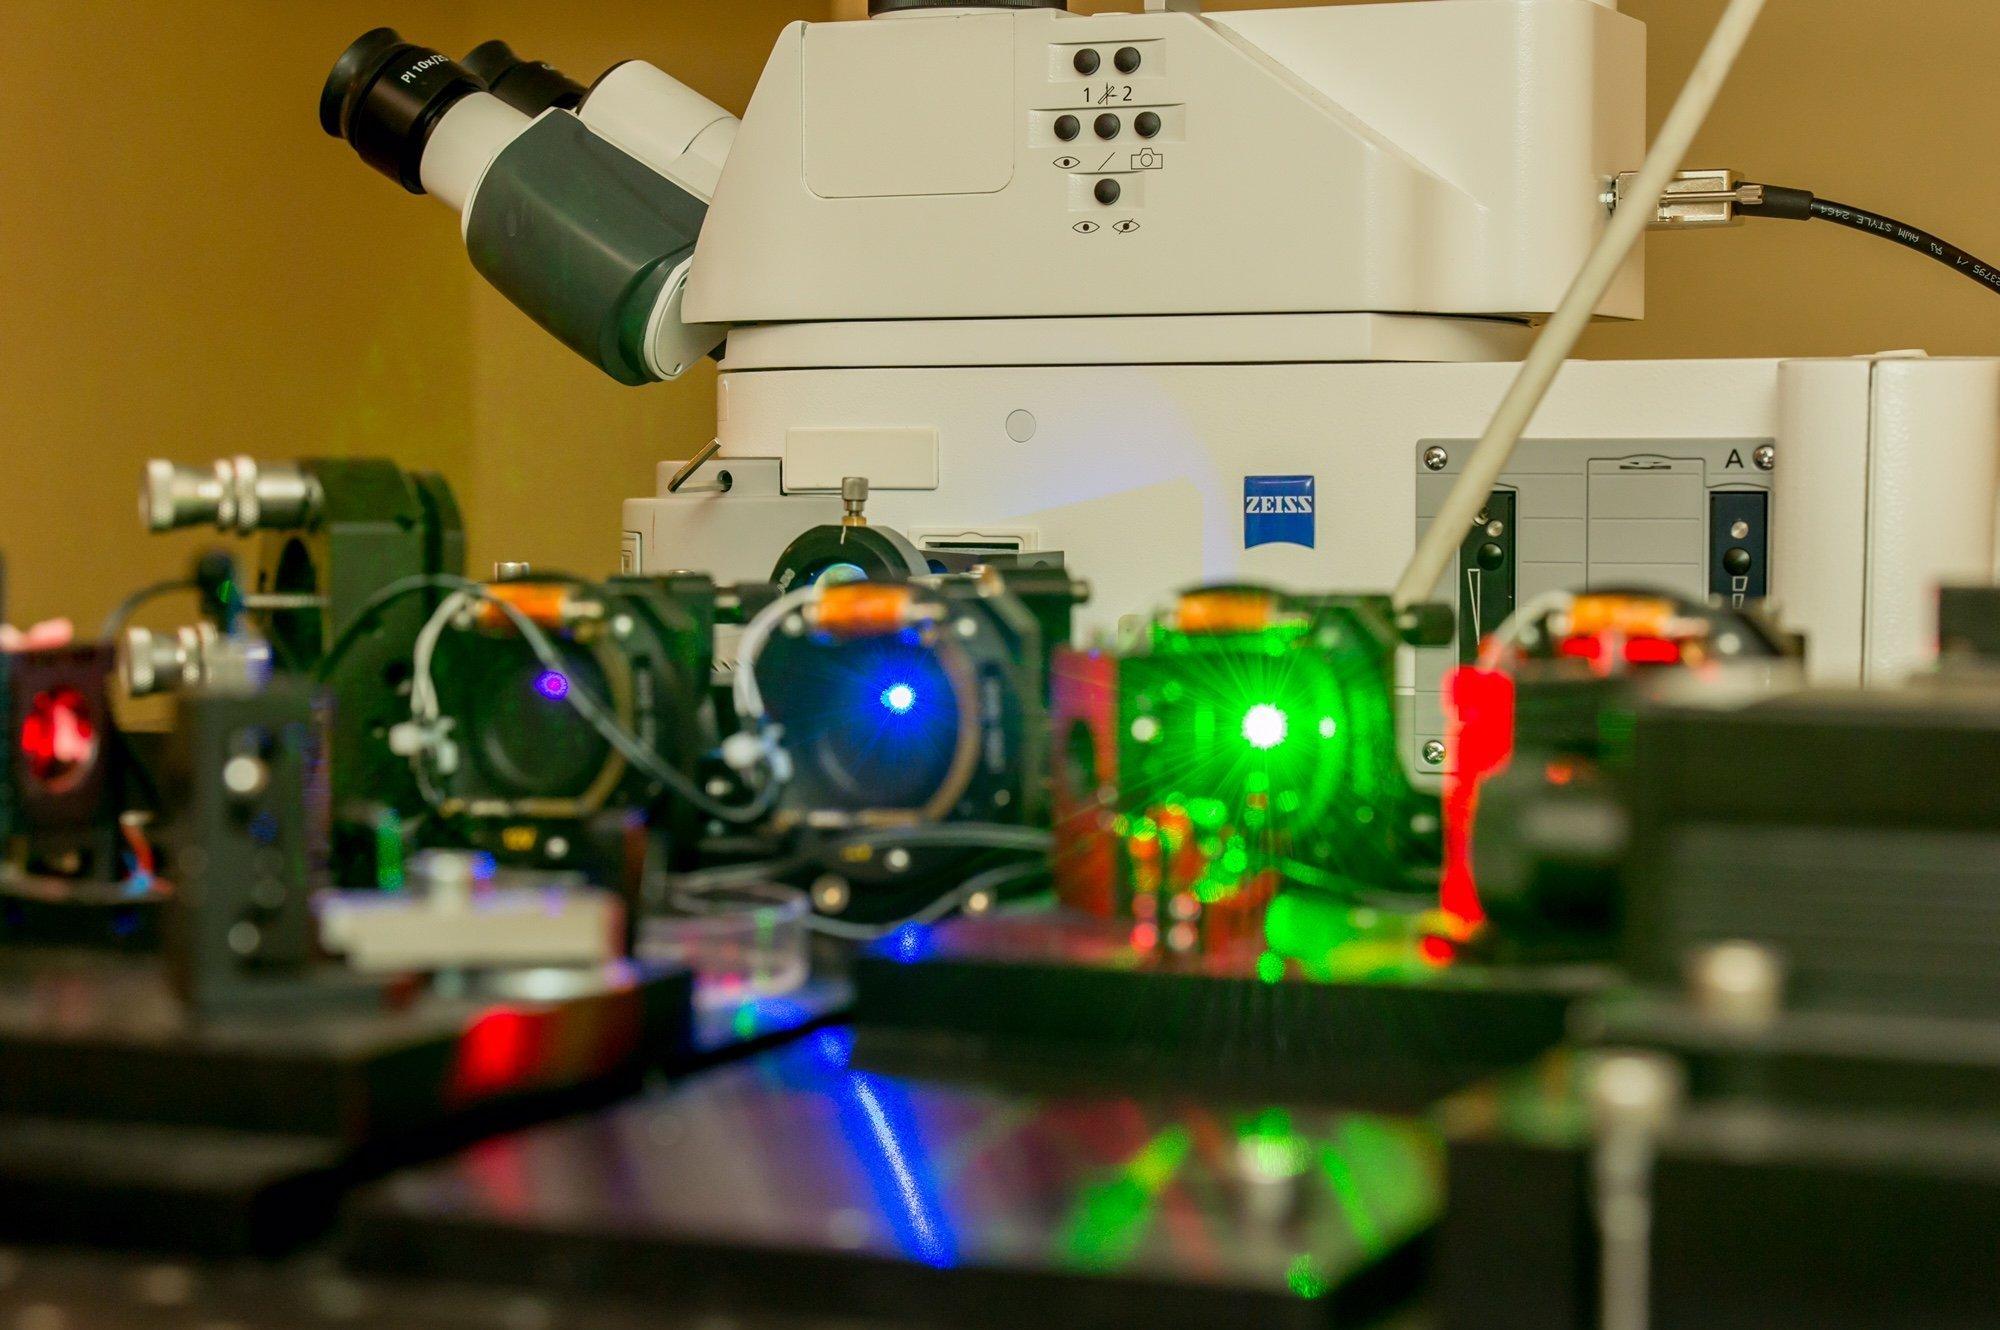 En un laboratorio de la Universidad Politécnica Pedro el Grande de San Petersburgo (SPbPU)